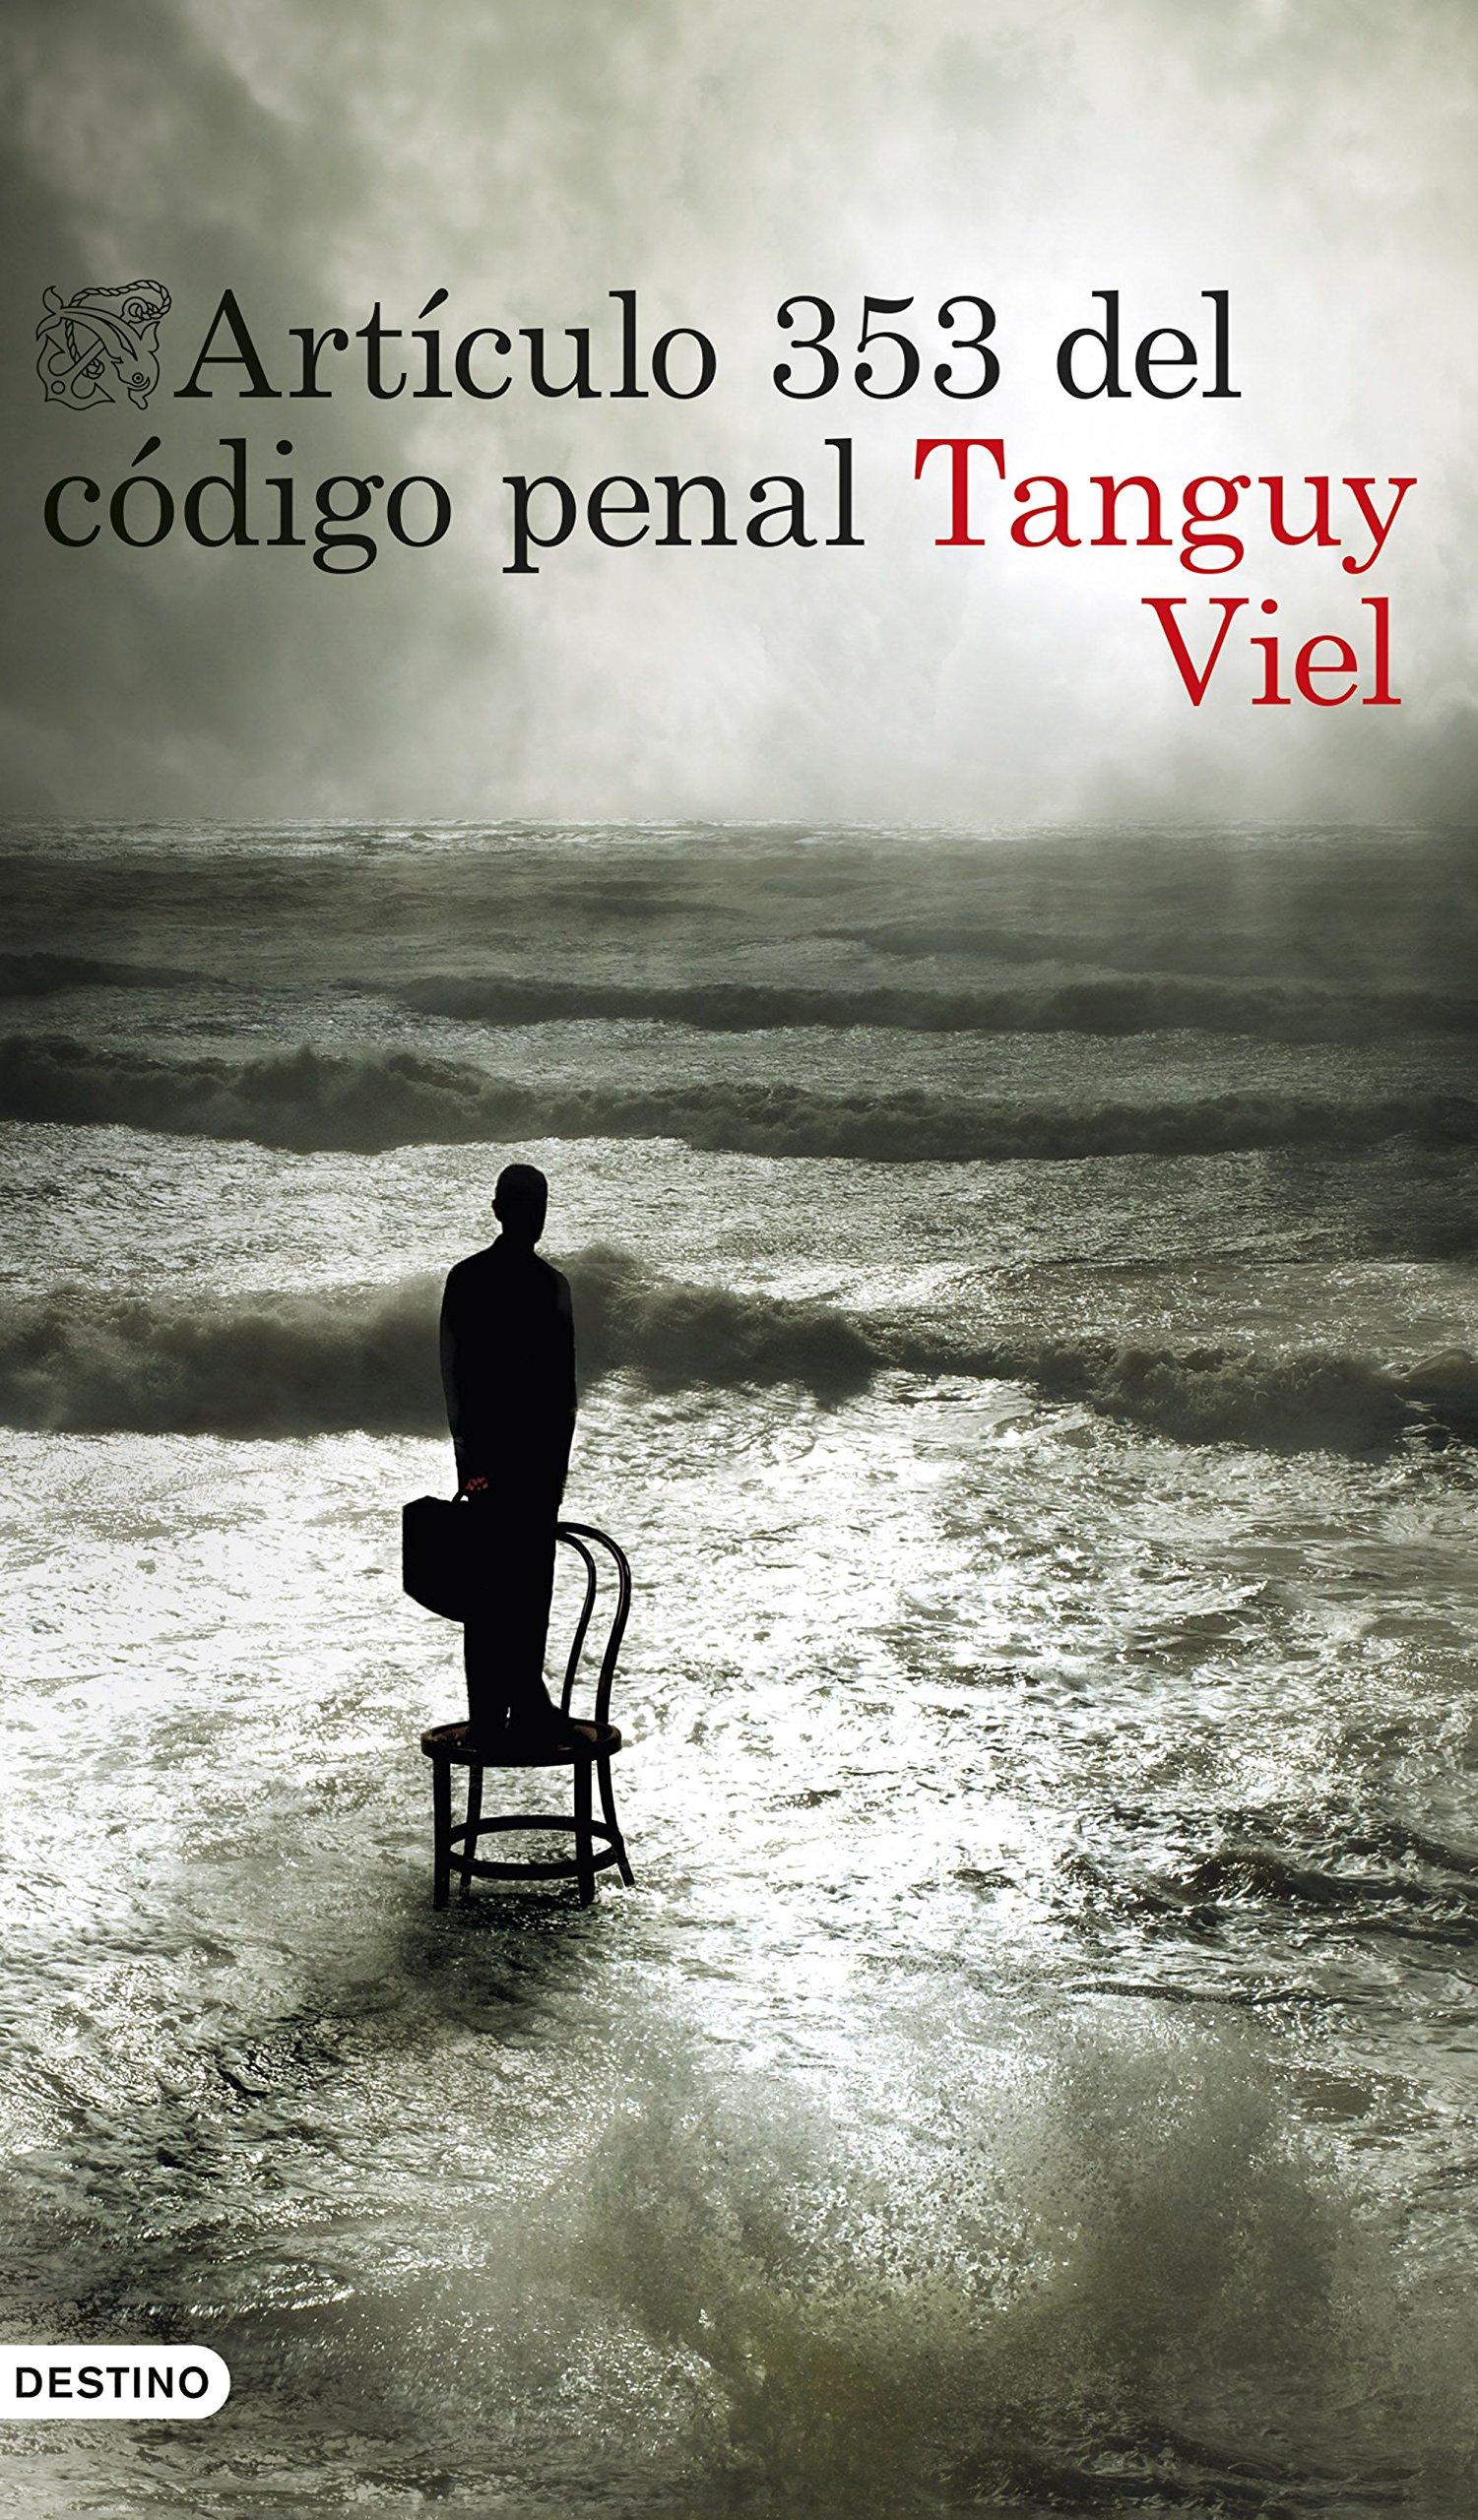 Artículo 353 del código penal (Áncora & Delfín): Amazon.es: Viel, Tanguy, García Ortega, Adolfo: Libros